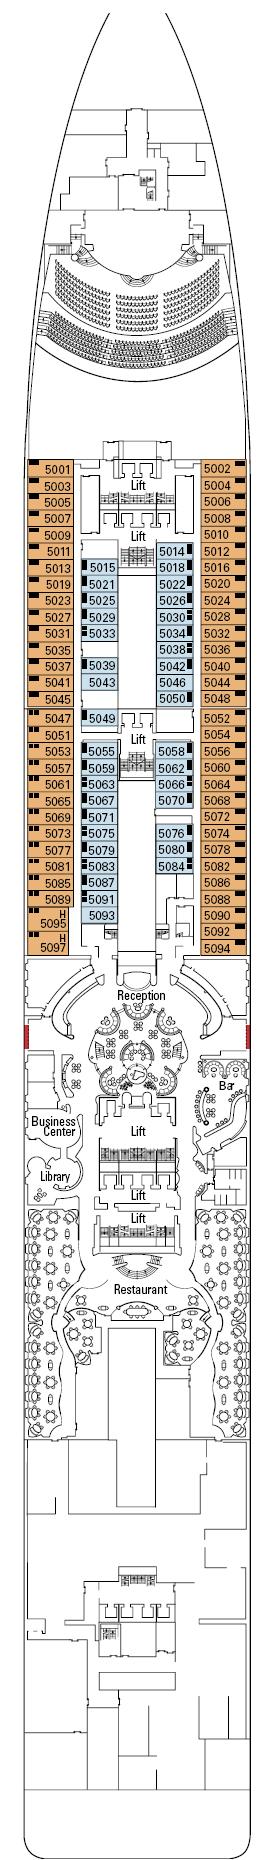 Msc divina deck plans deck 0 for Msc divina floor plan